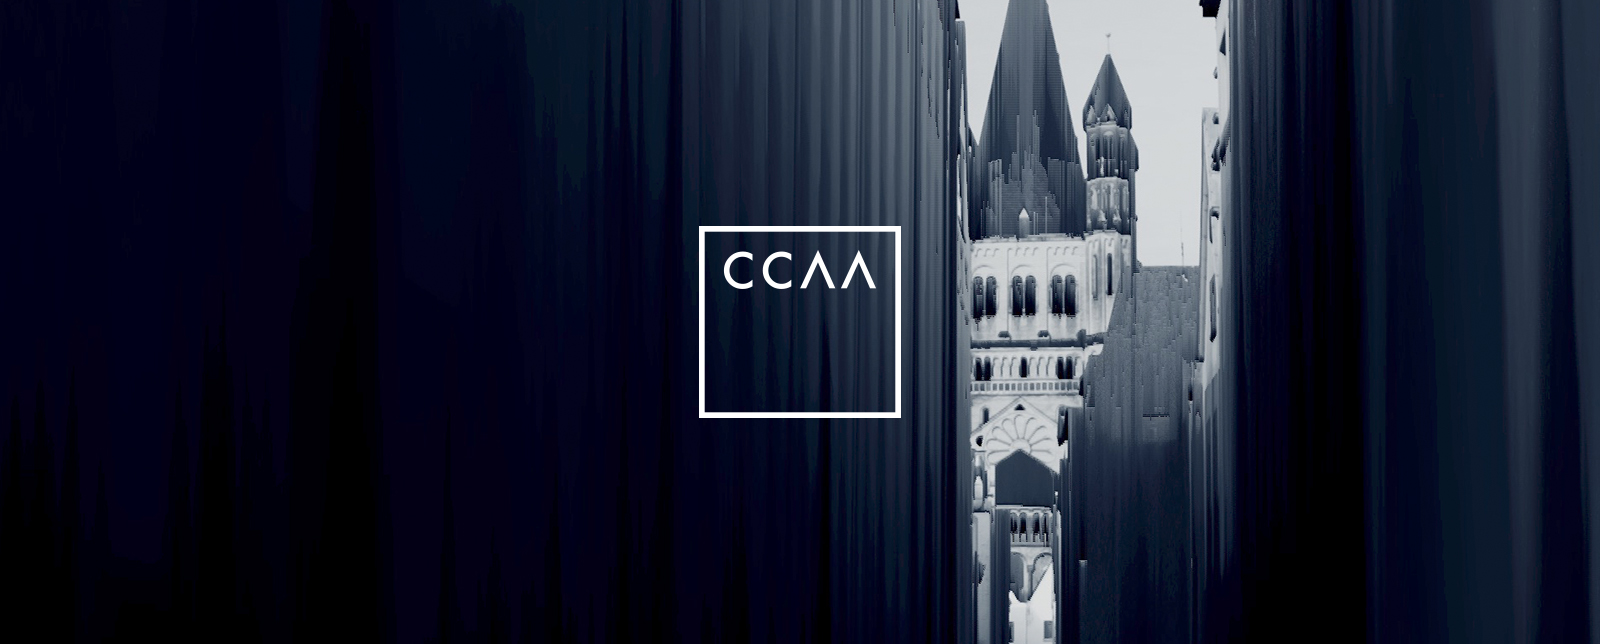 CCAA (Full Length)